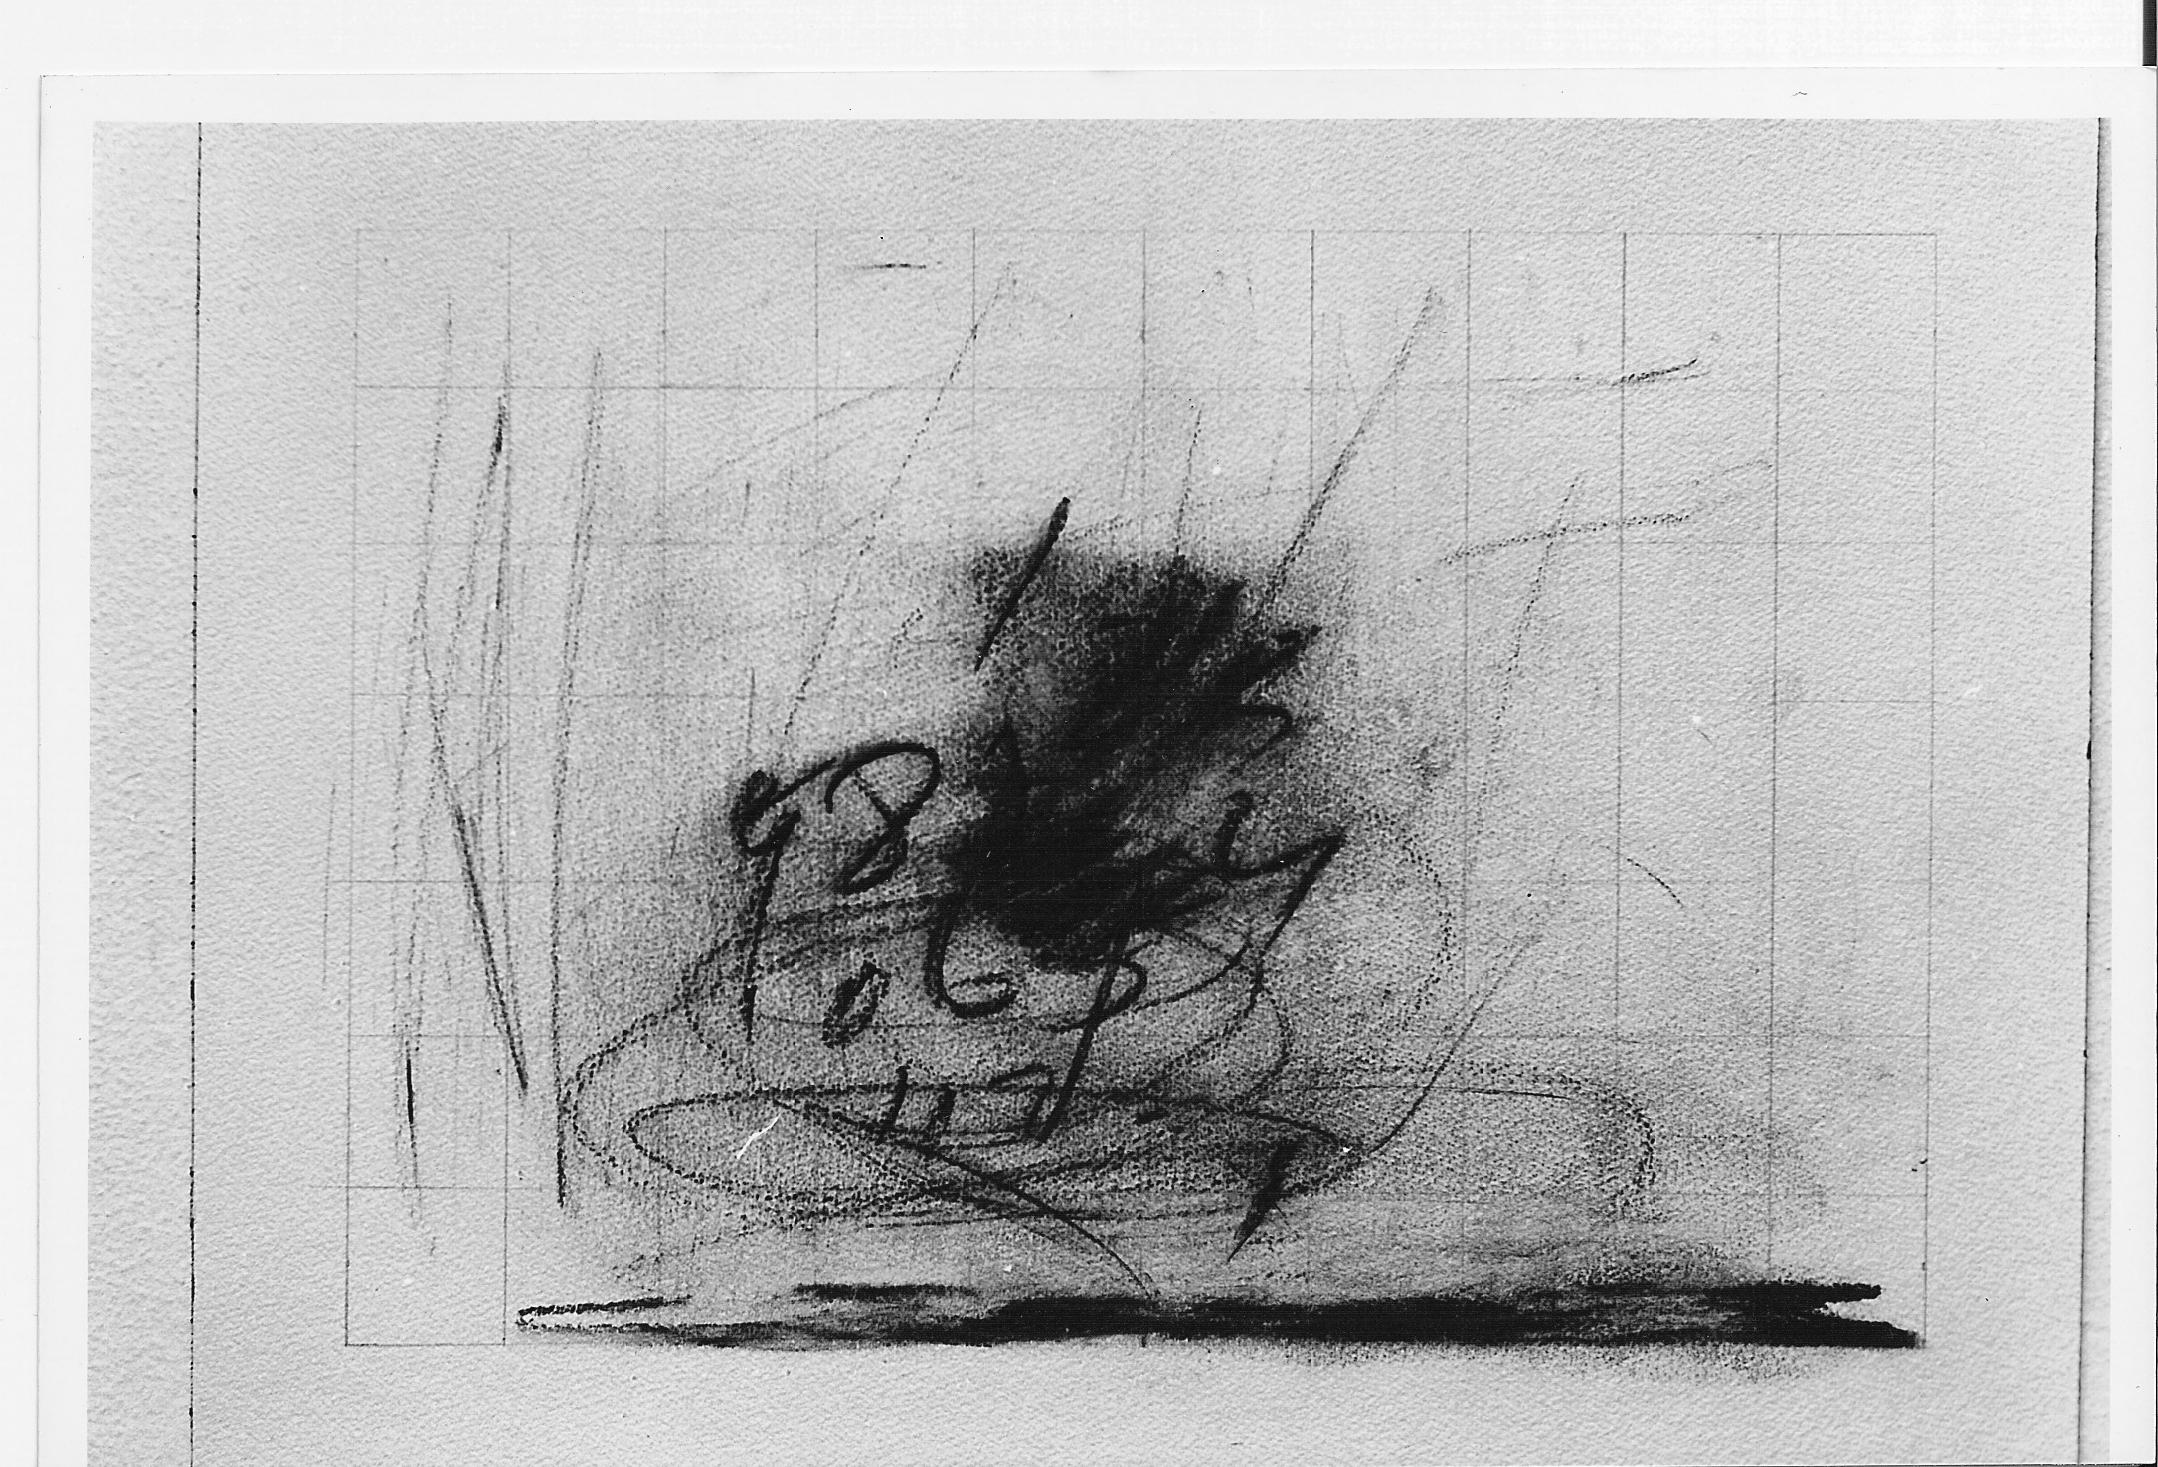 Paisaje III, carbonilla sobre papel, 1984